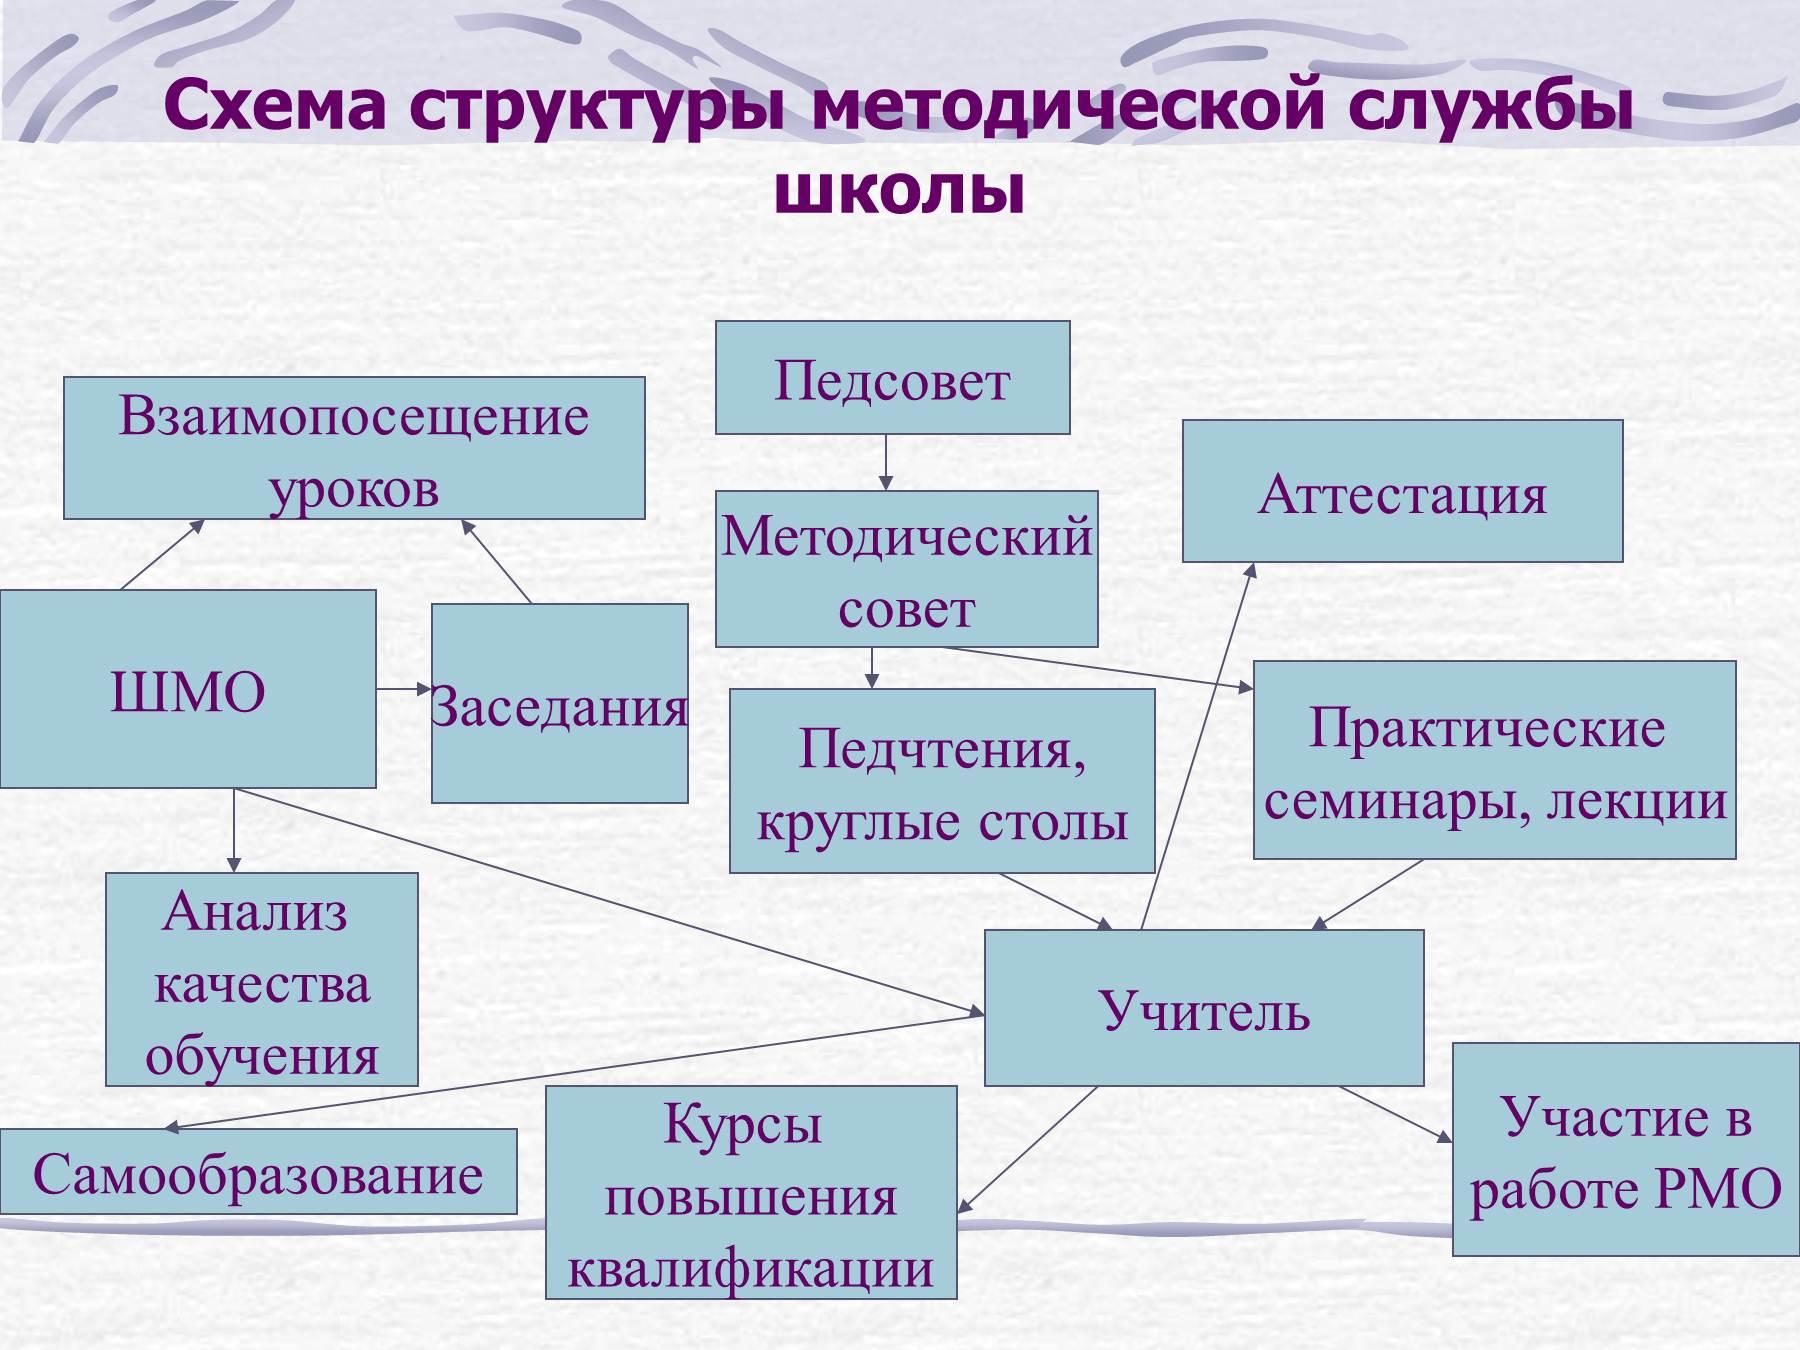 Анализ работы классного руководителя в схеме6